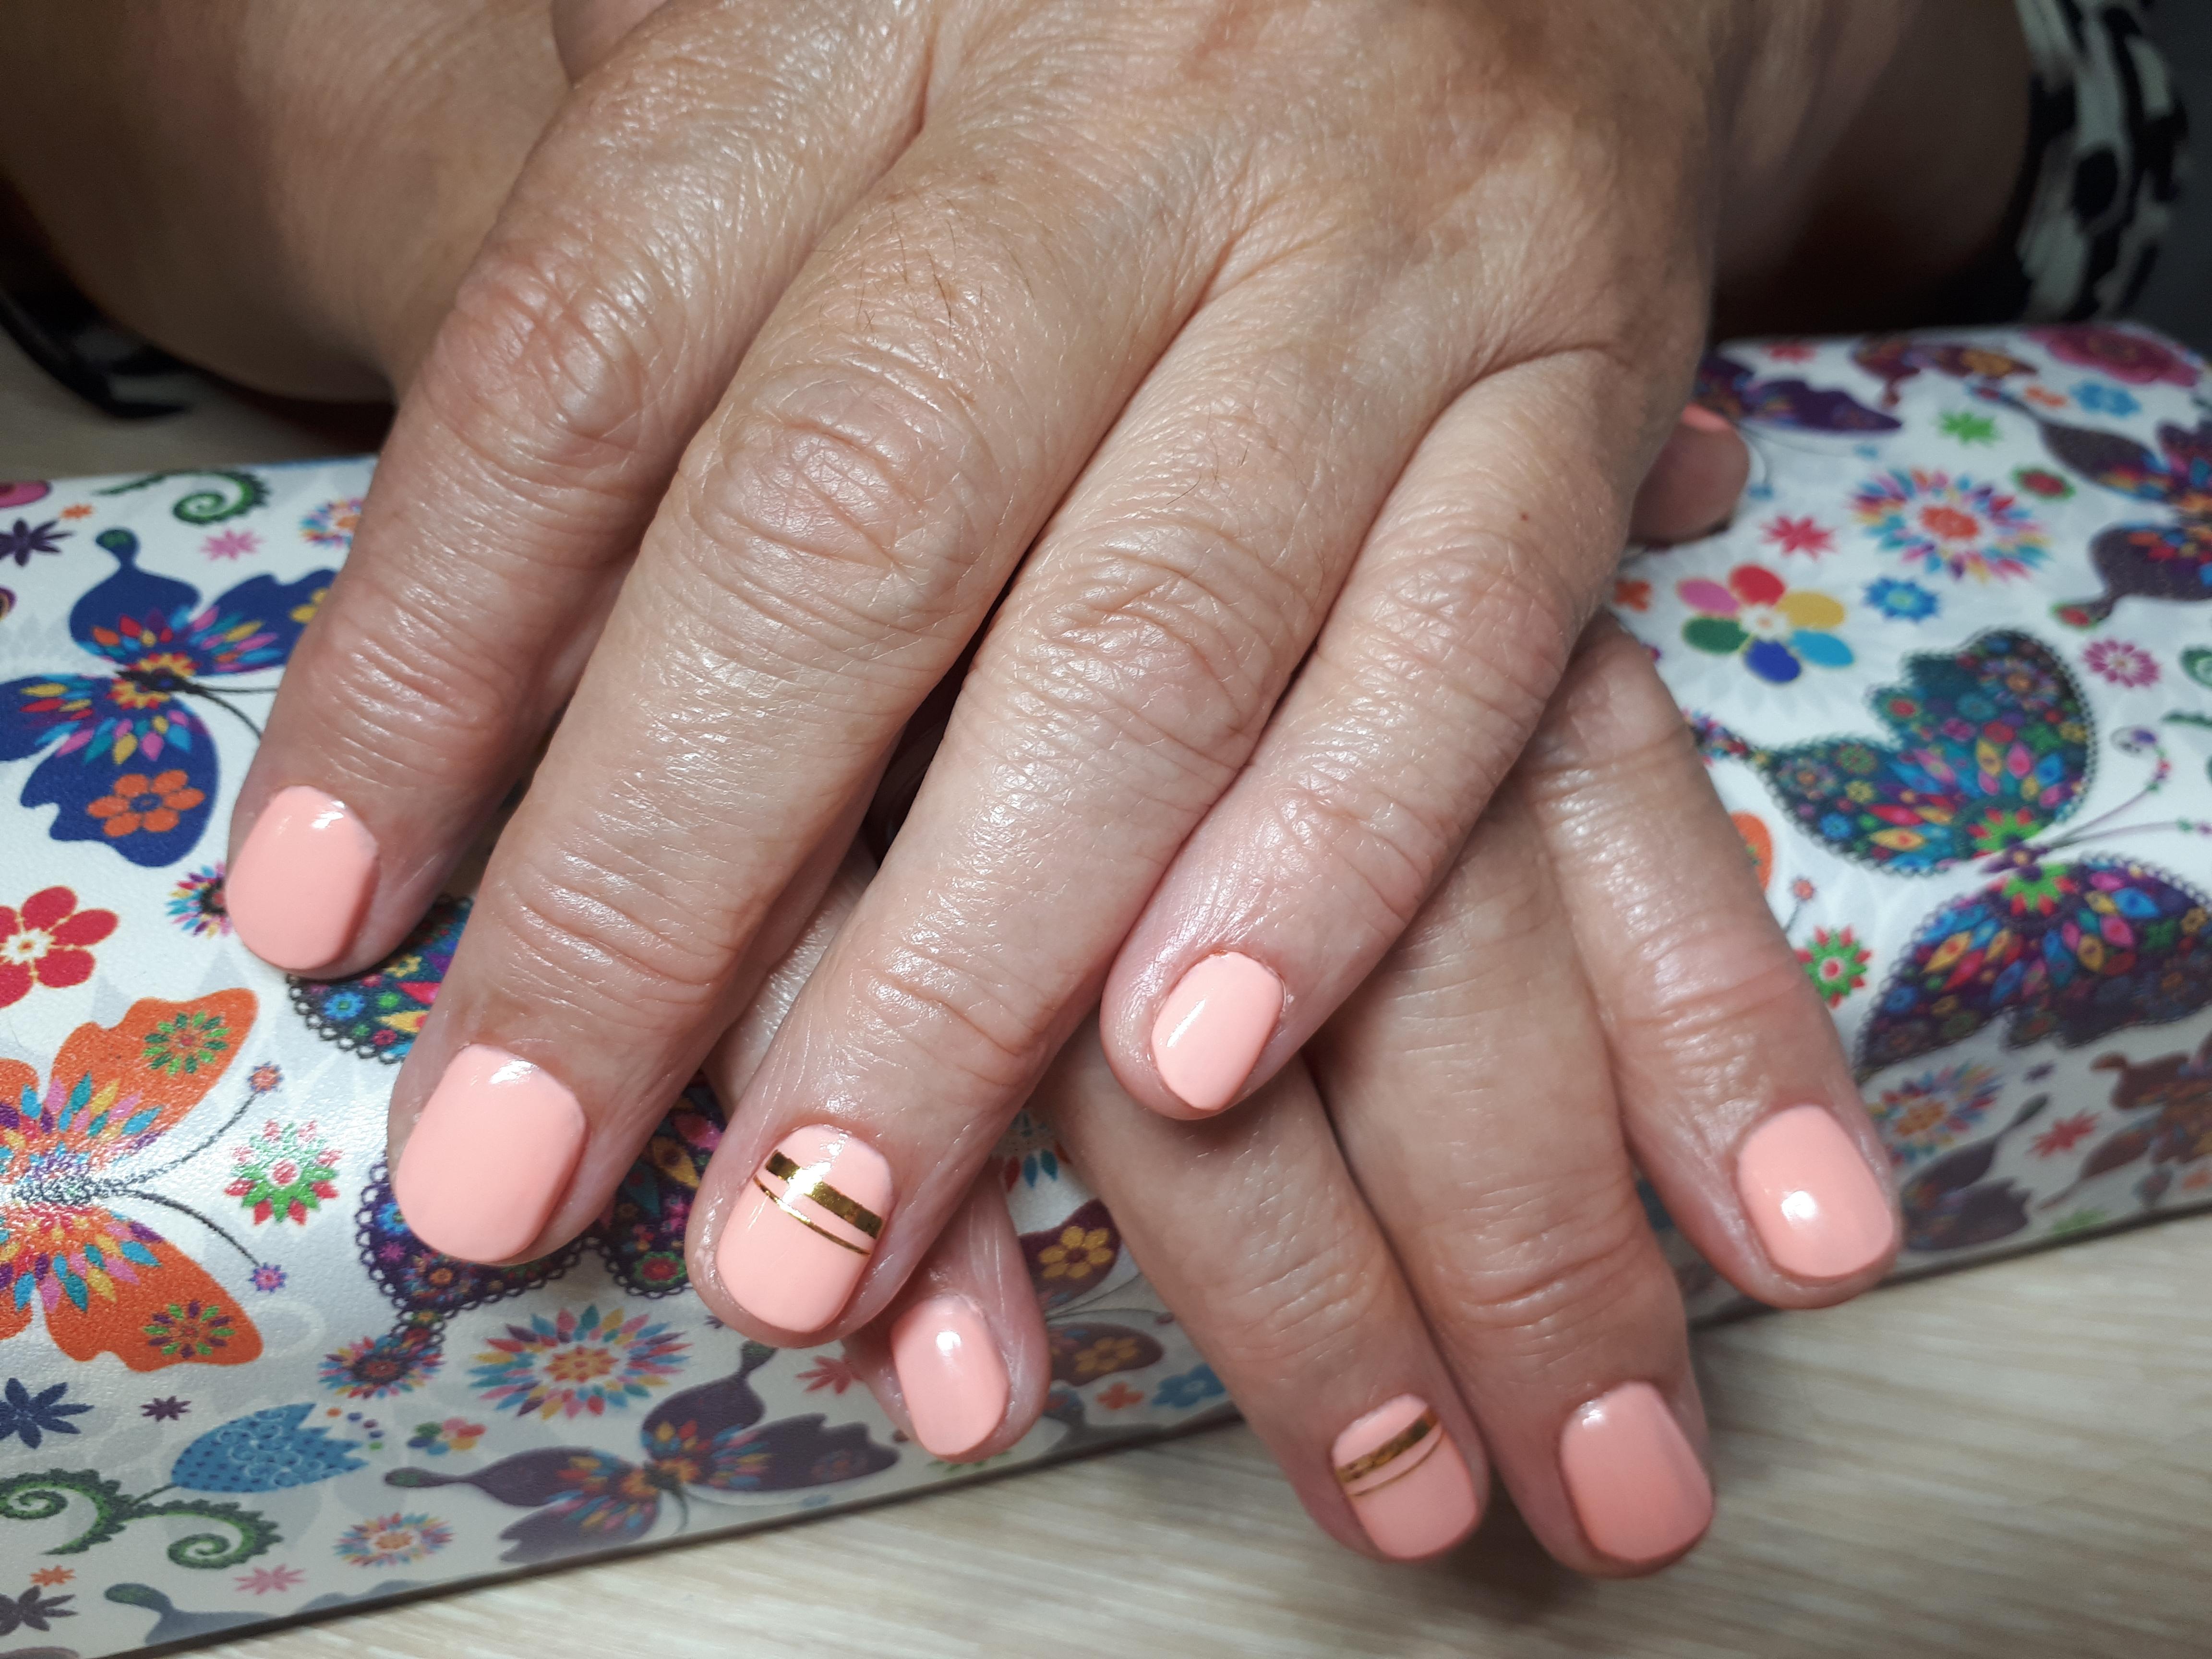 Маникюр с золотыми полосками в персиковом цвете на короткие ногти.